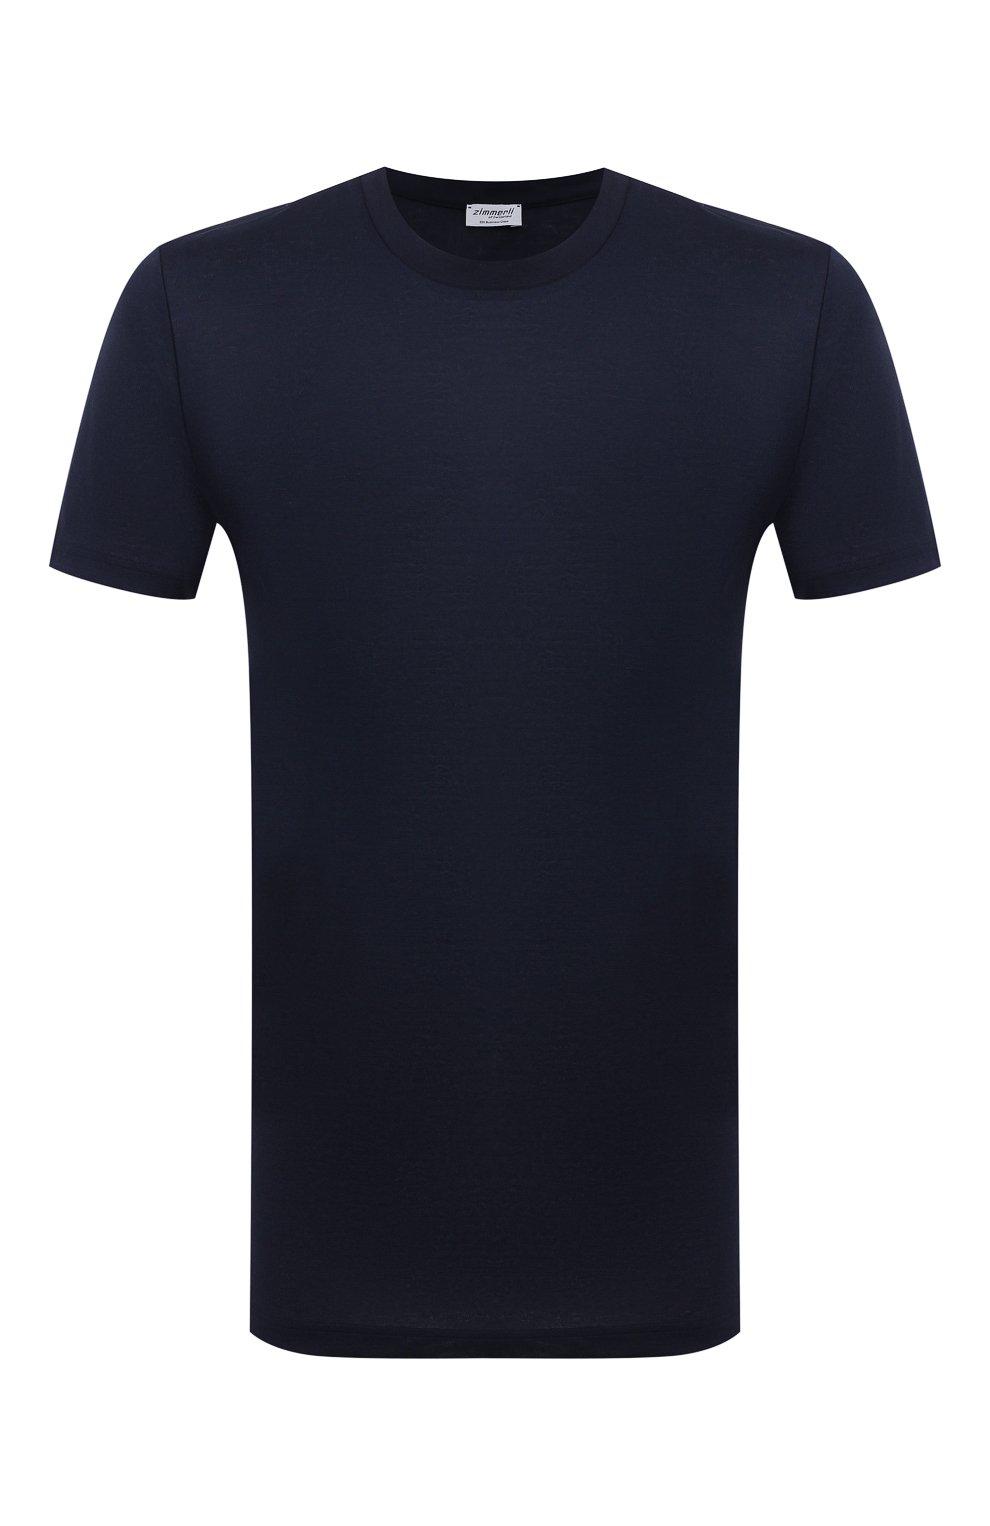 Мужская хлопковая футболка ZIMMERLI темно-синего цвета, арт. 222-1473 | Фото 1 (Кросс-КТ: домашняя одежда; Рукава: Короткие; Длина (для топов): Стандартные; Материал внешний: Хлопок; Мужское Кросс-КТ: Футболка-белье)